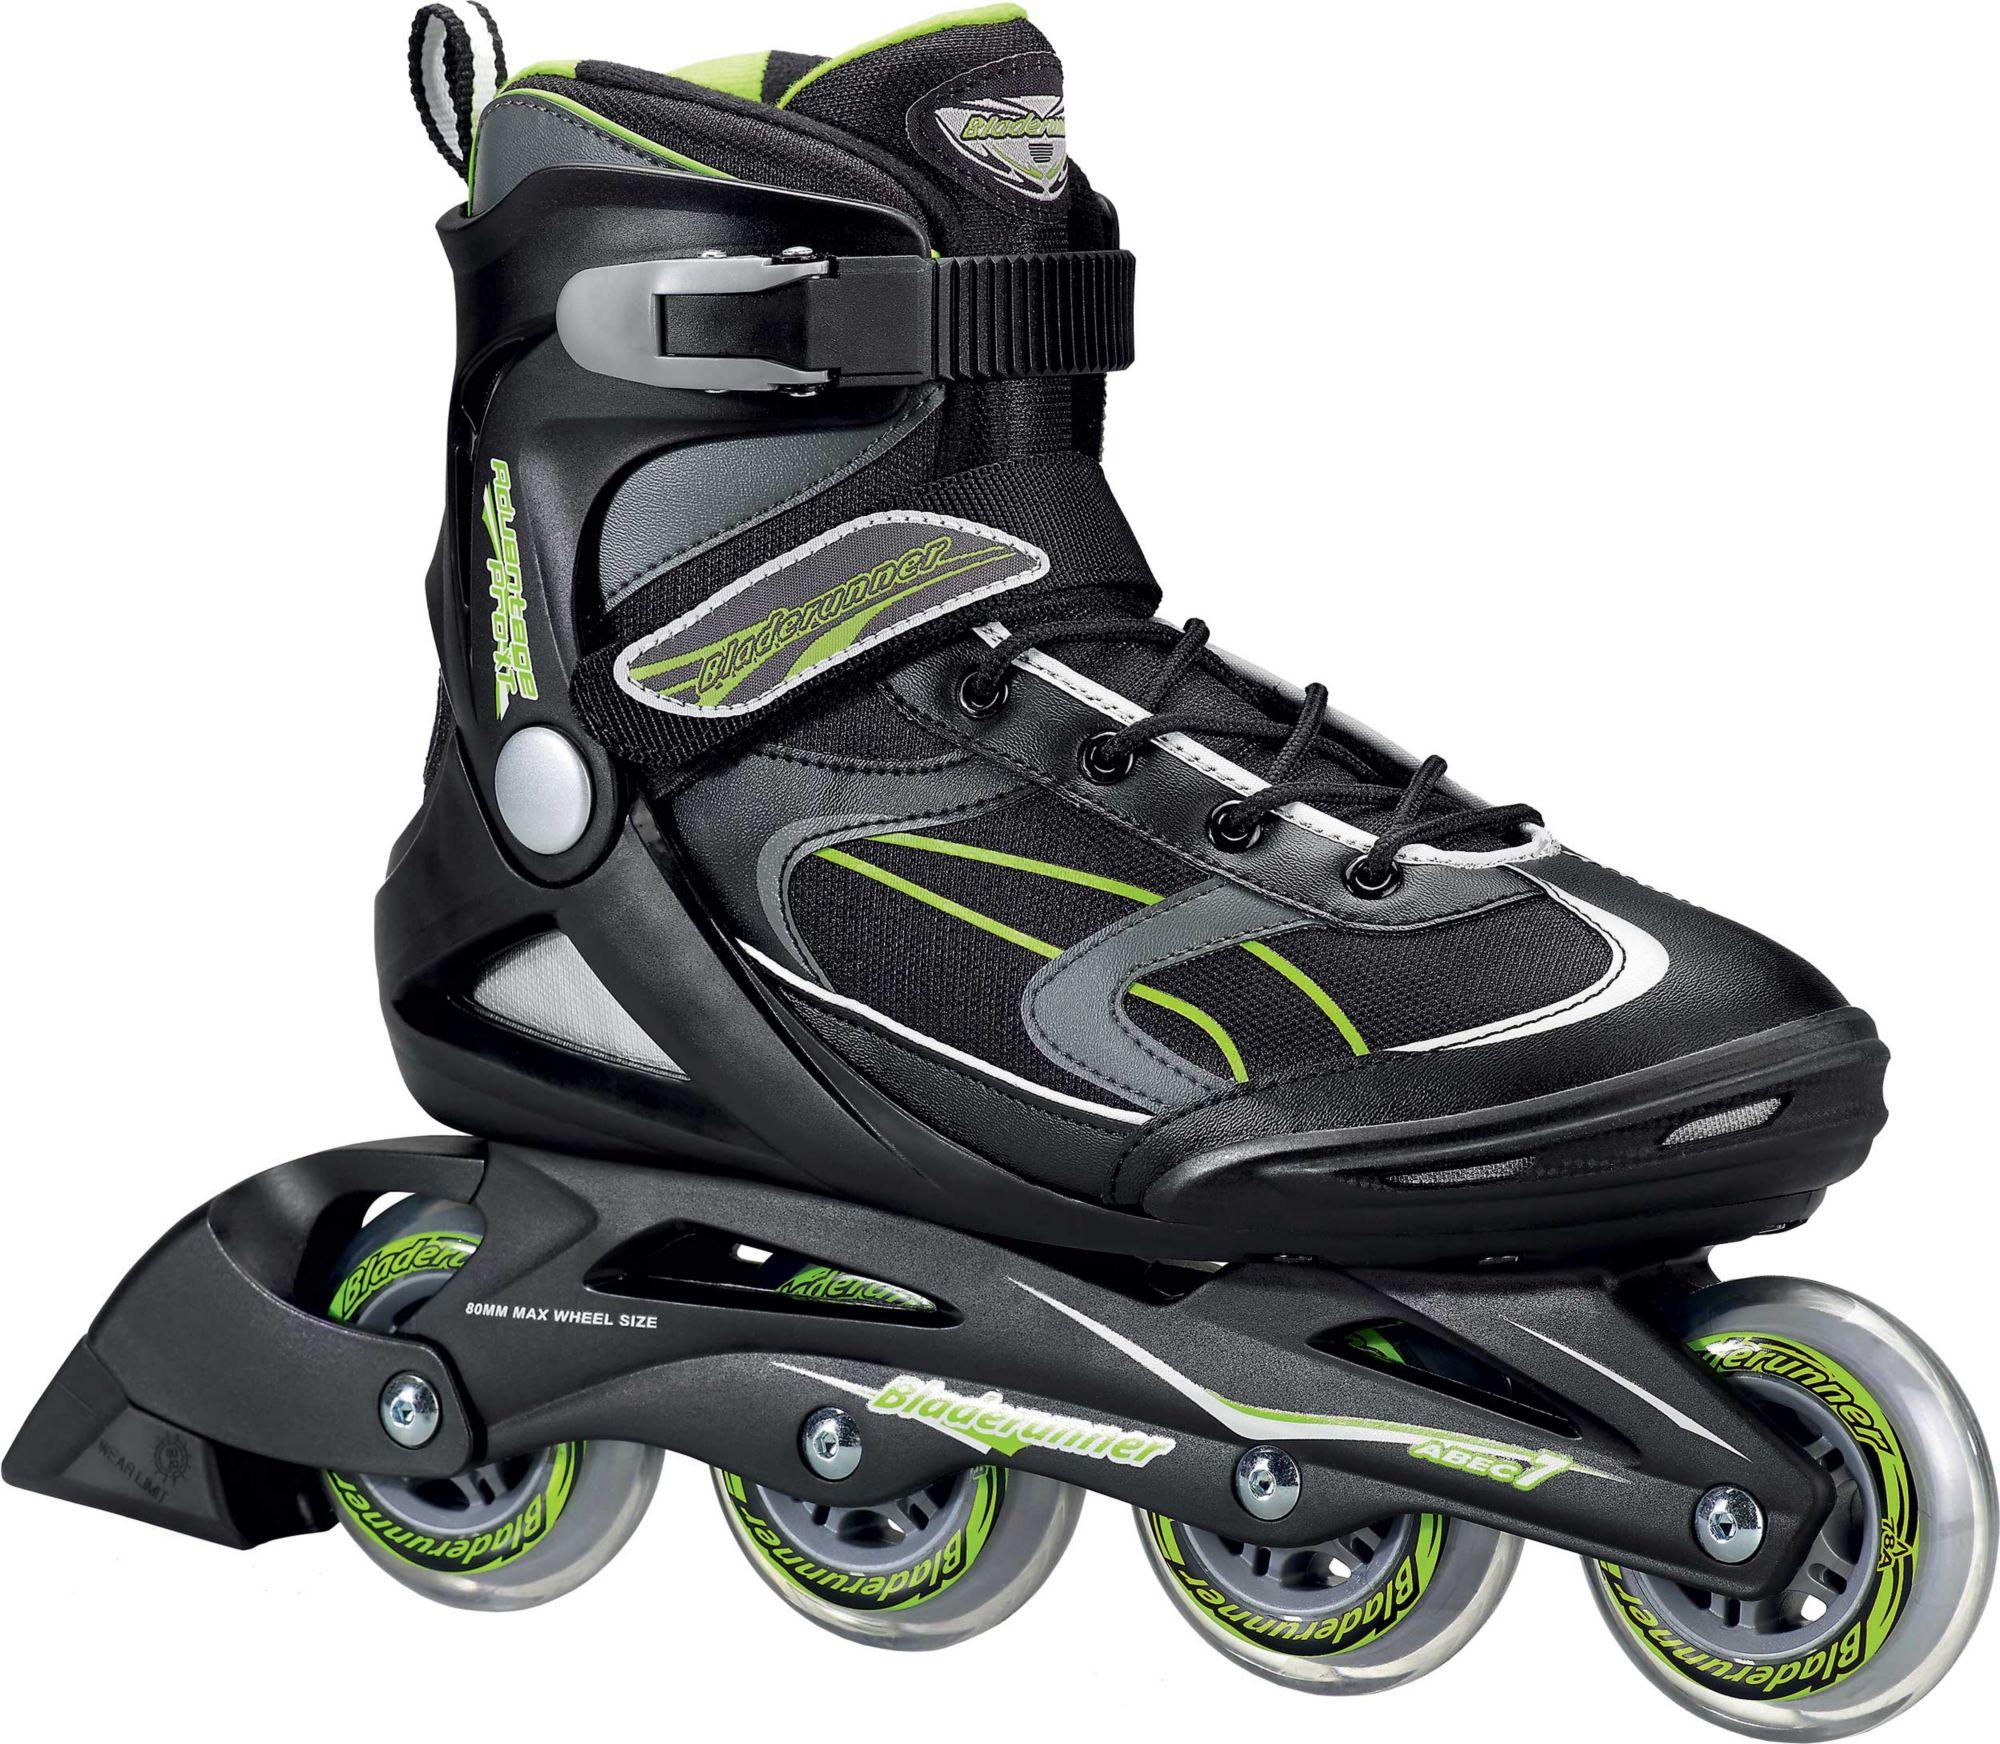 Roller skates blue - Product Image Bladerunner Men S Advantage Pro Xt Inline Skates